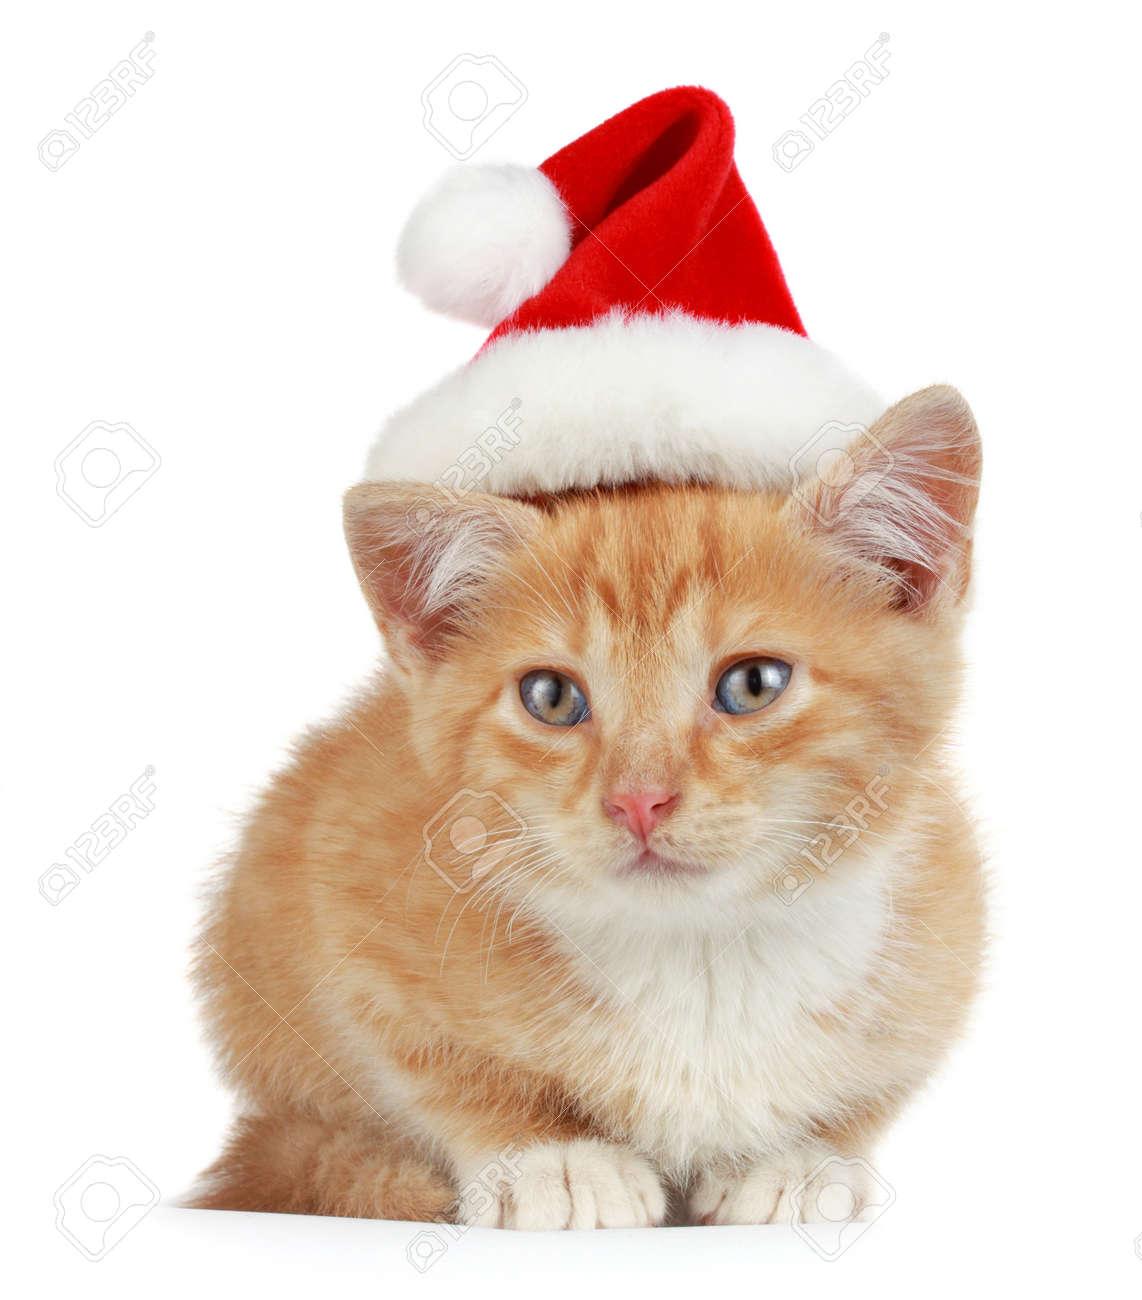 Cute Kittens Wearing Hats Cute Little Kitten Wearing Red